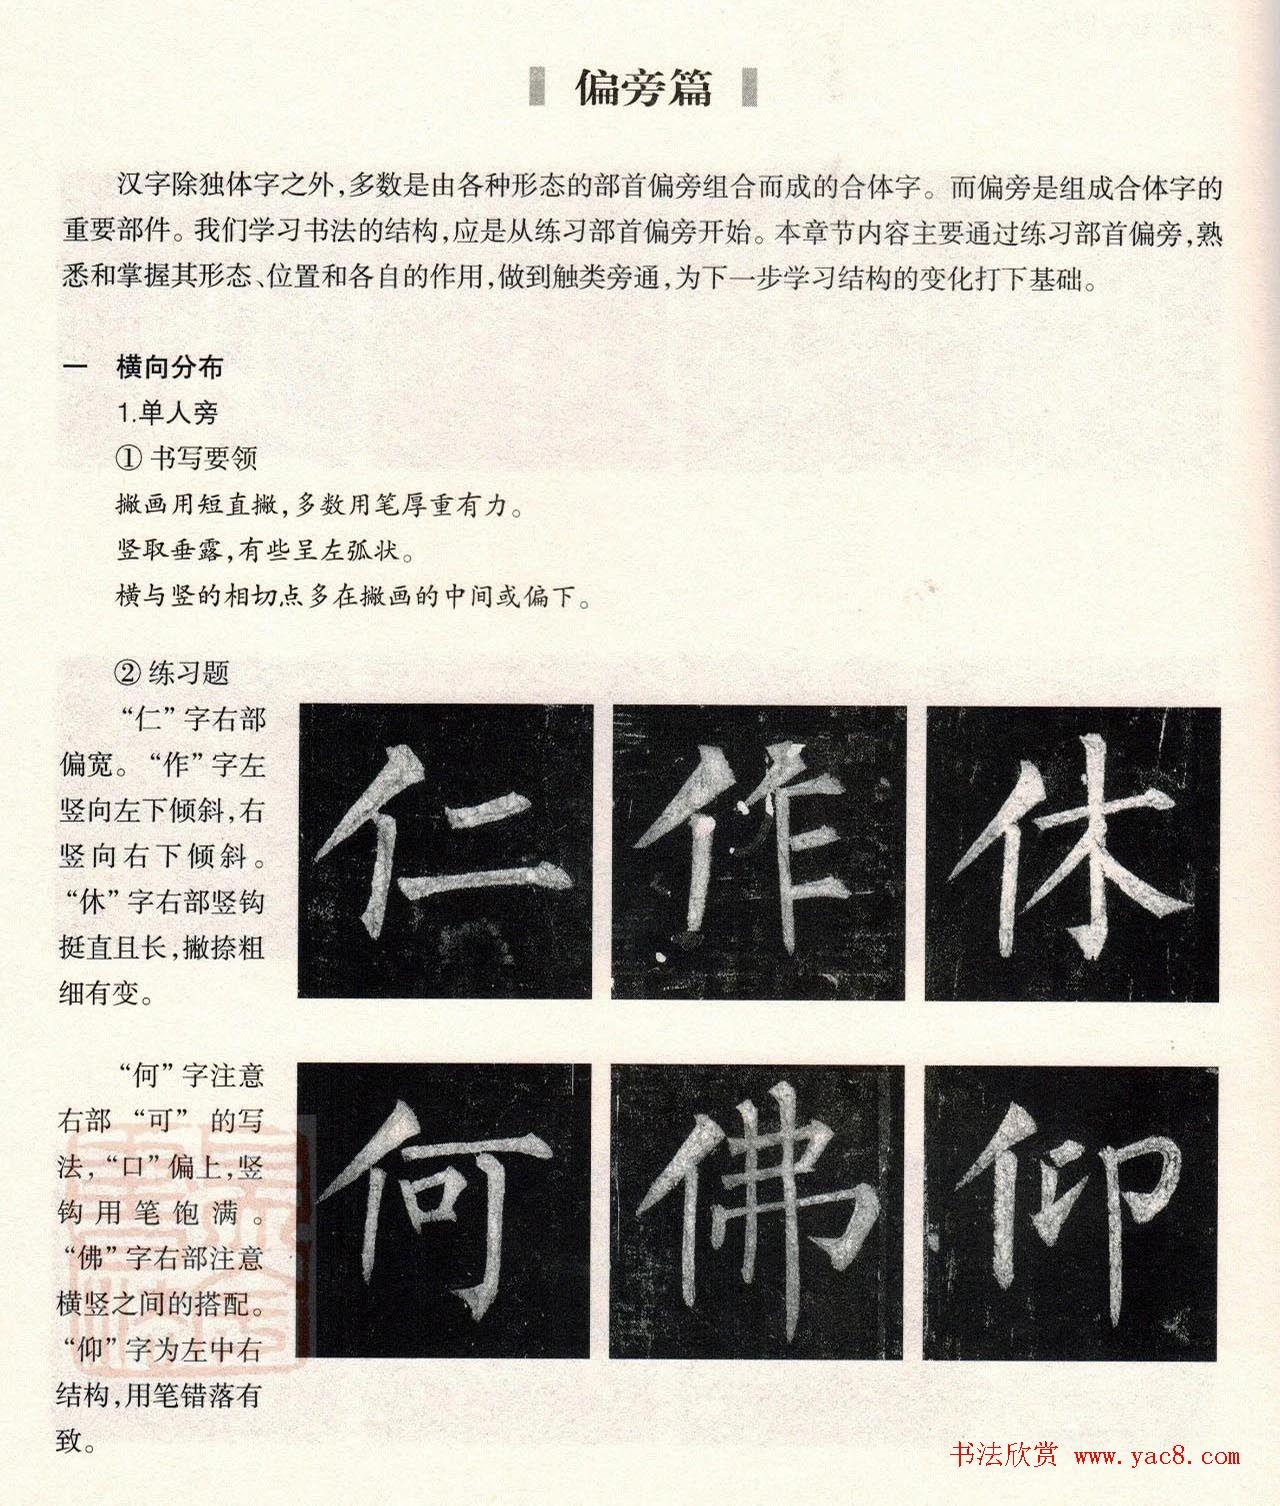 柳体楷书教程:玄秘塔碑–偏旁篇